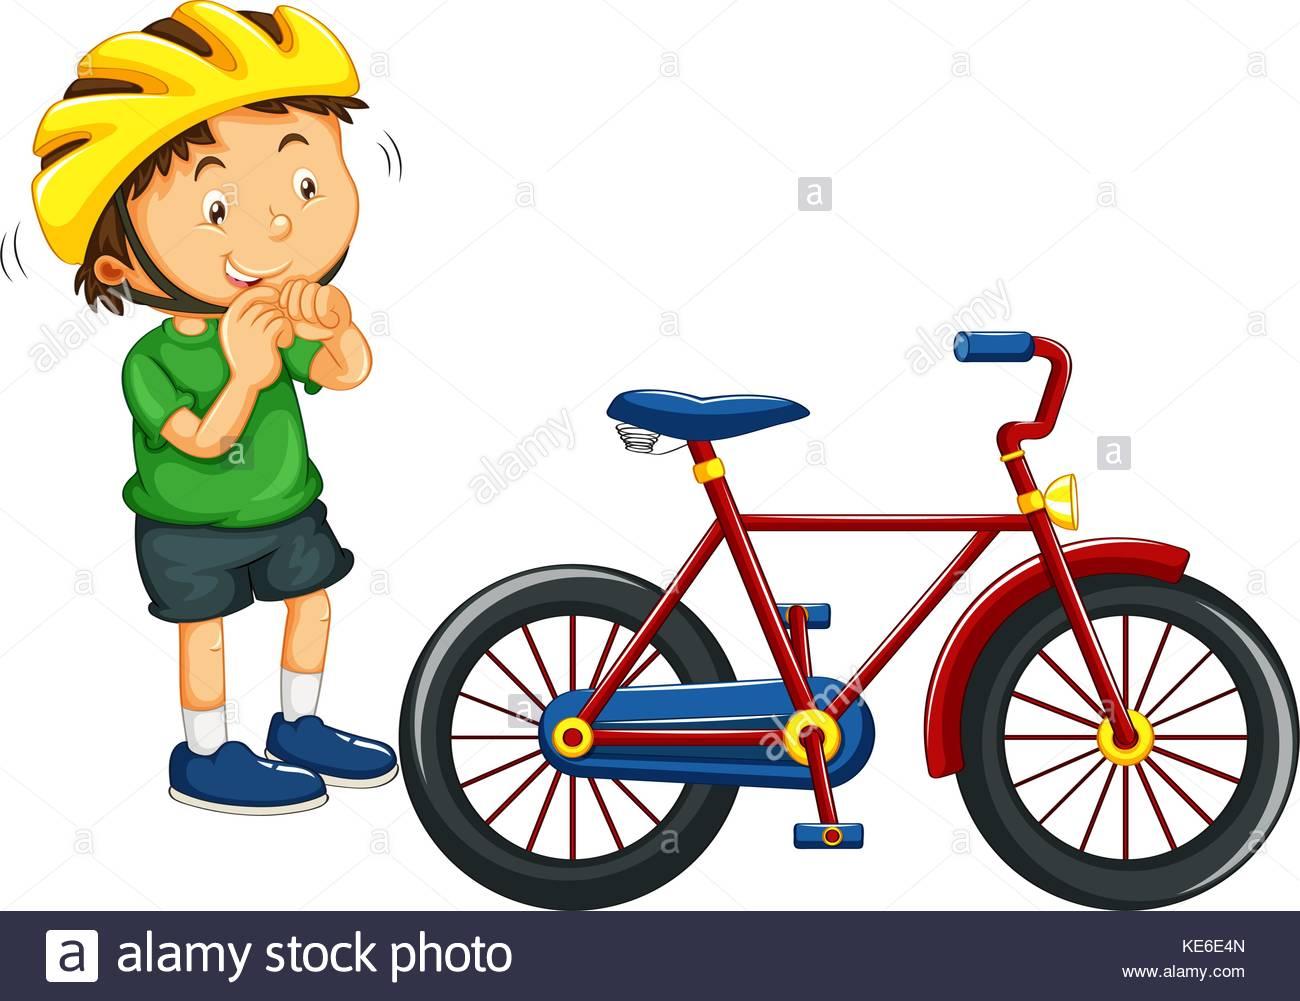 1300x1001 Cartoon Image Kid Riding Bicycle Stock Photos Amp Cartoon Image Kid